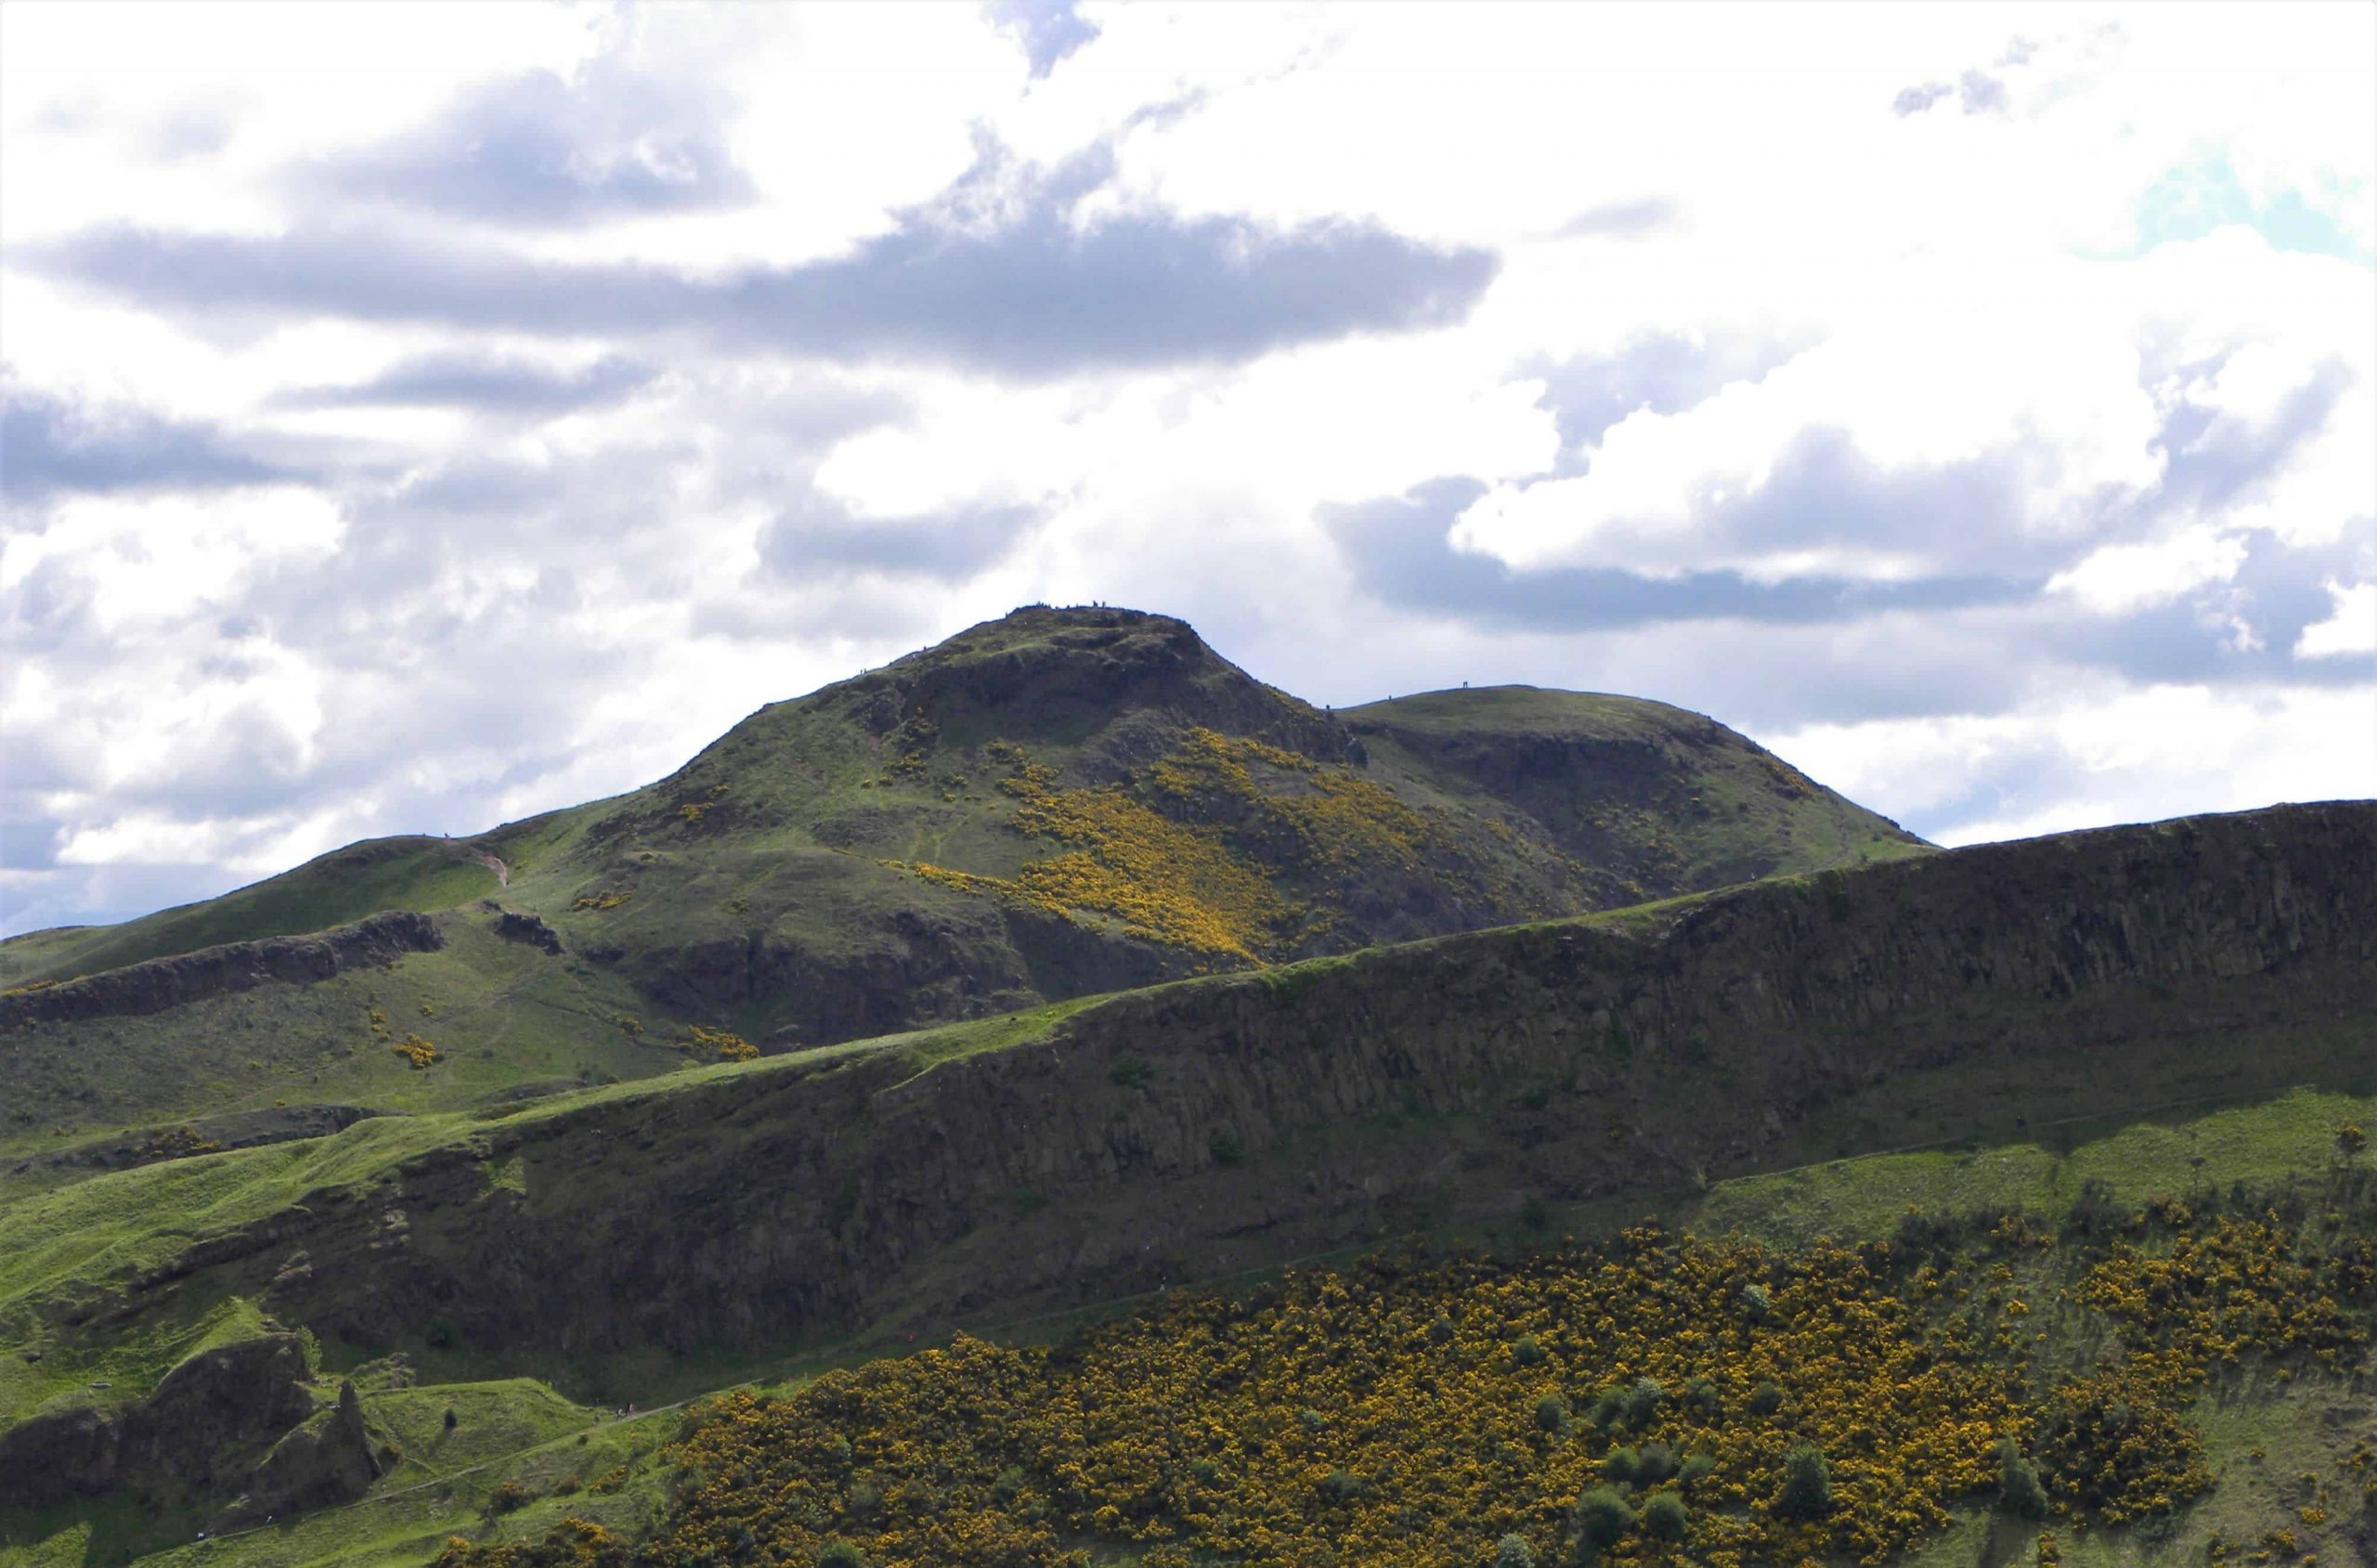 Le Arthur's Seat est une montagne volcanique en bordure d'Édimbourg.